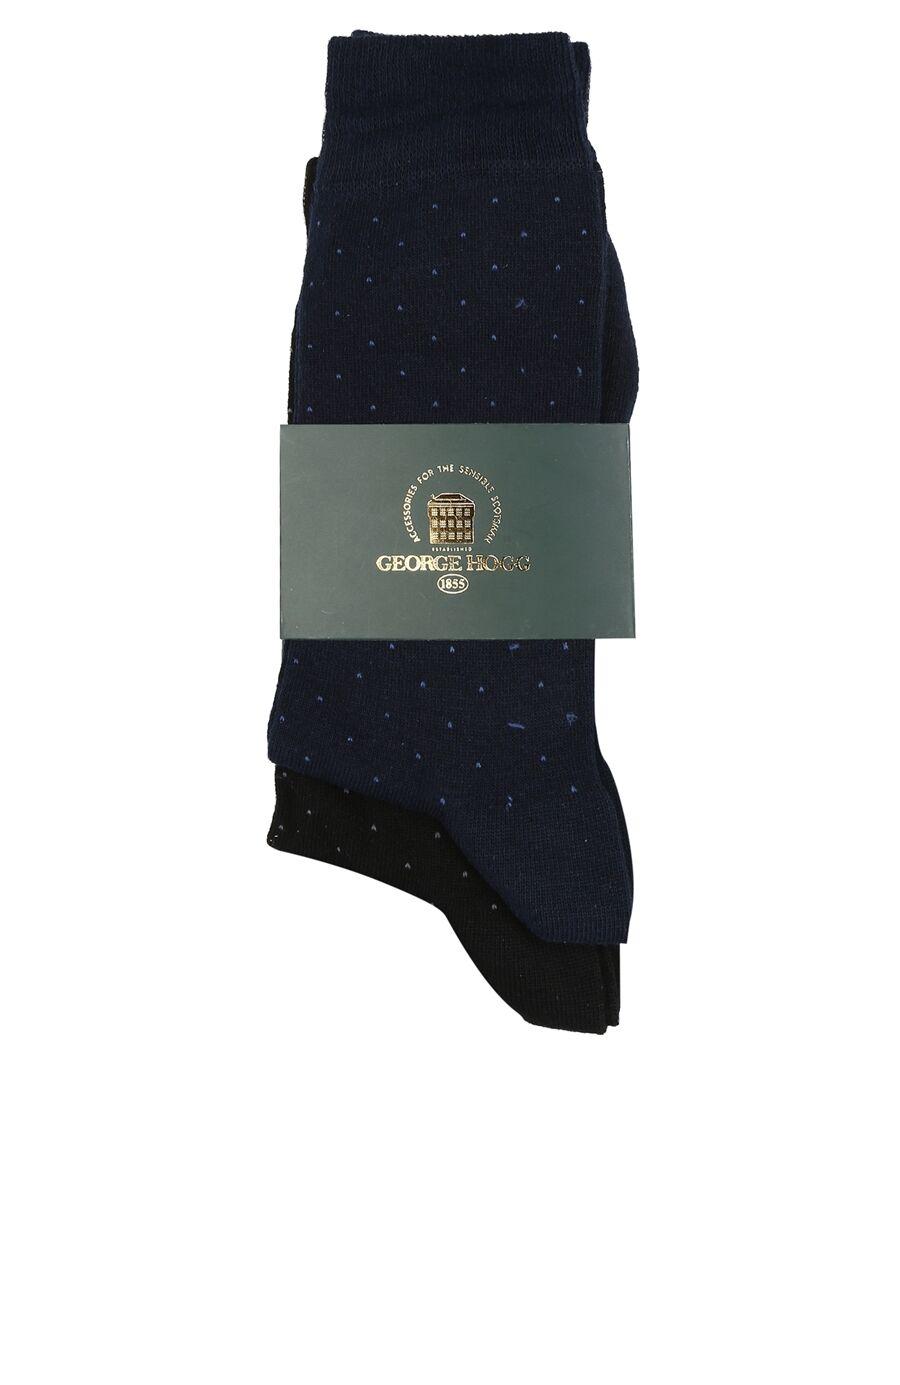 Desenli Siyah Antrasit Lacivert 2li Erkek Çorap Seti